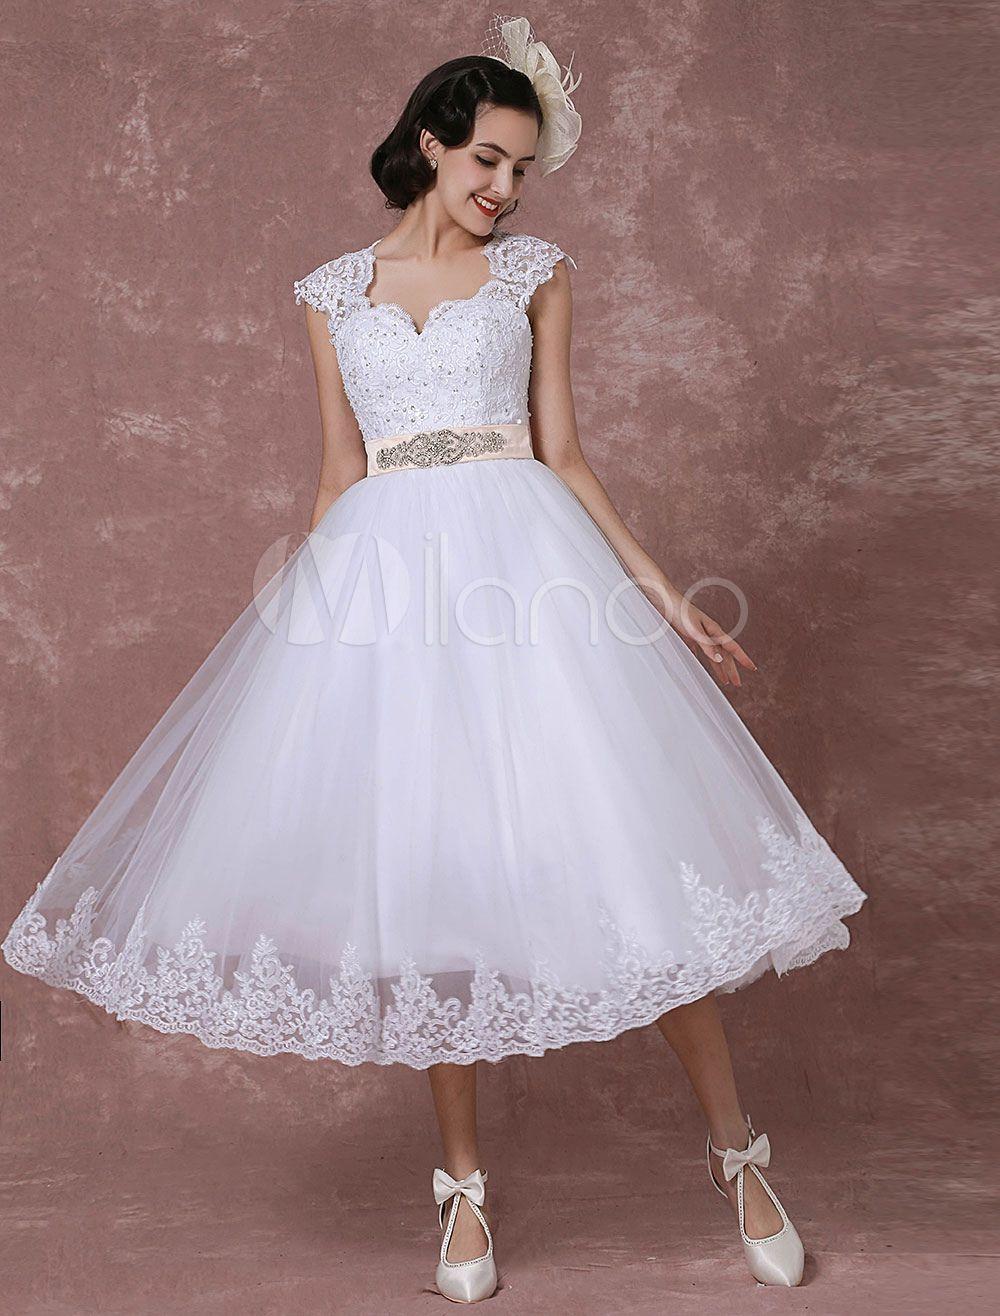 Vintage Brautkleid kurz Hochzeitskleid mit Spitze T ll